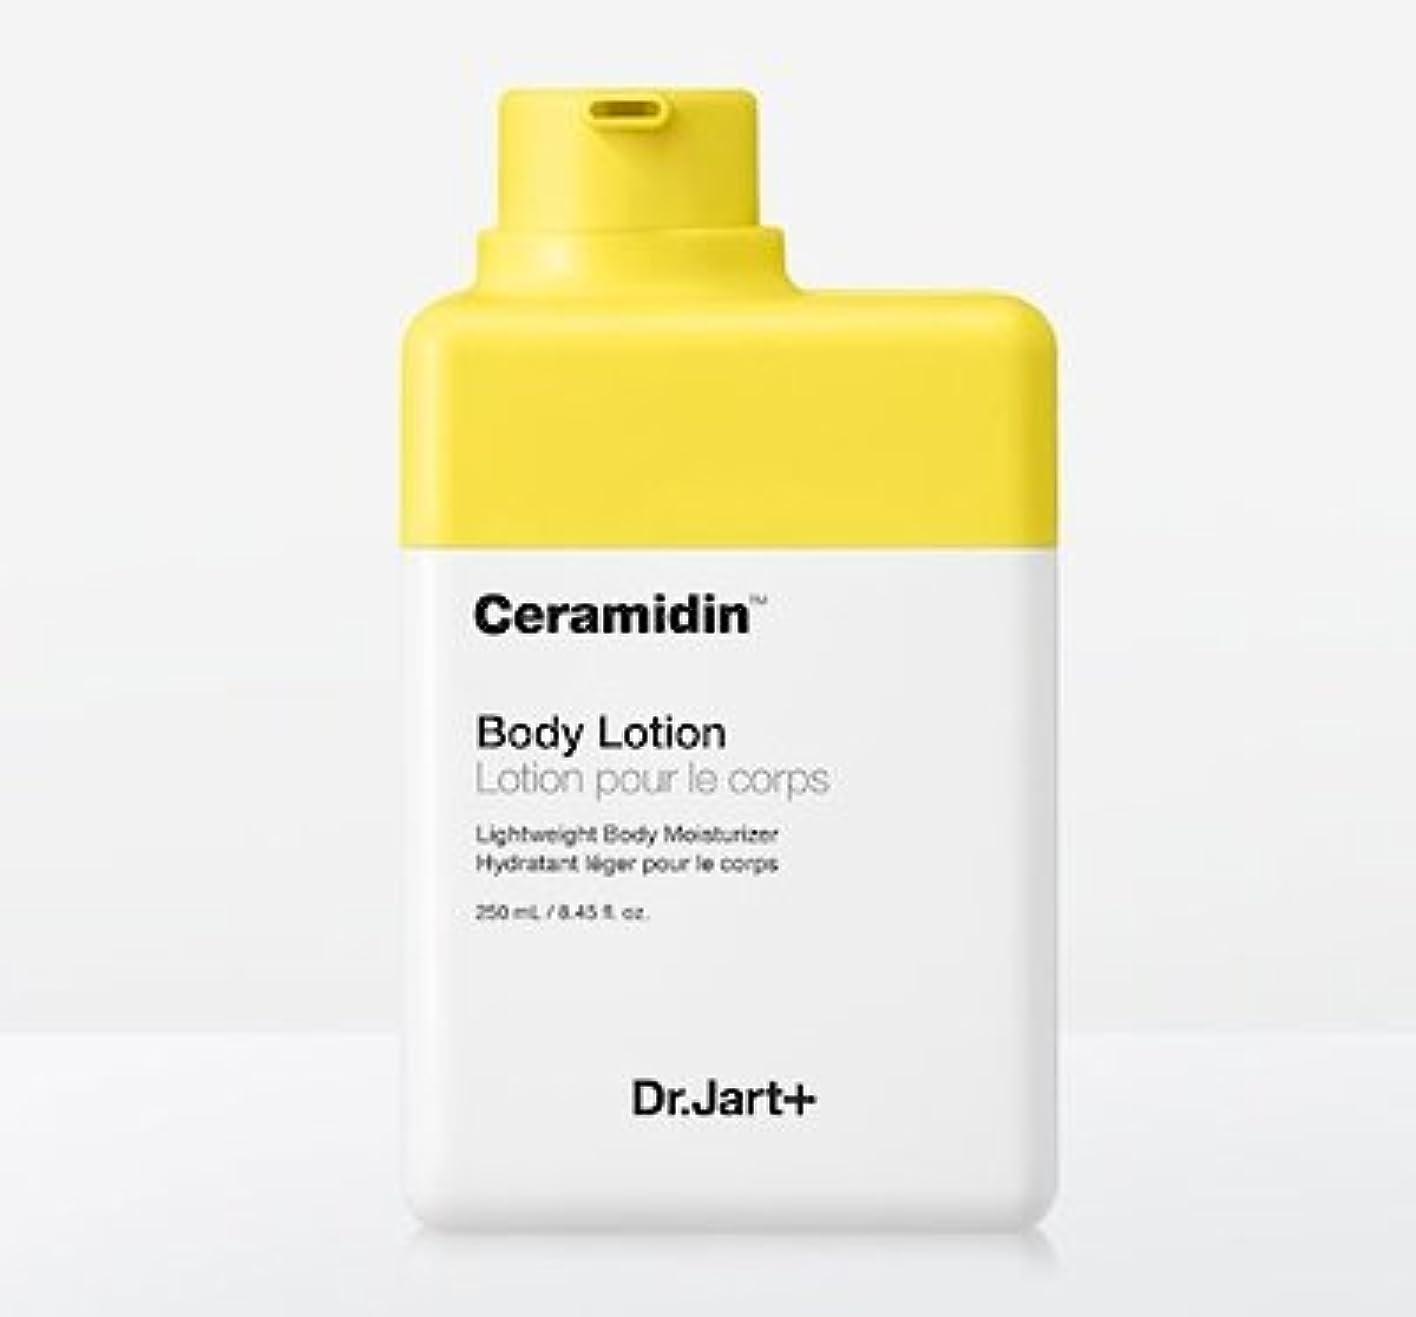 オーナメントキャプテンジーンズドクタージャルトセラマイディンボディローション Dr.Jart Ceramidin Body Lotion 250ml [並行輸入品]